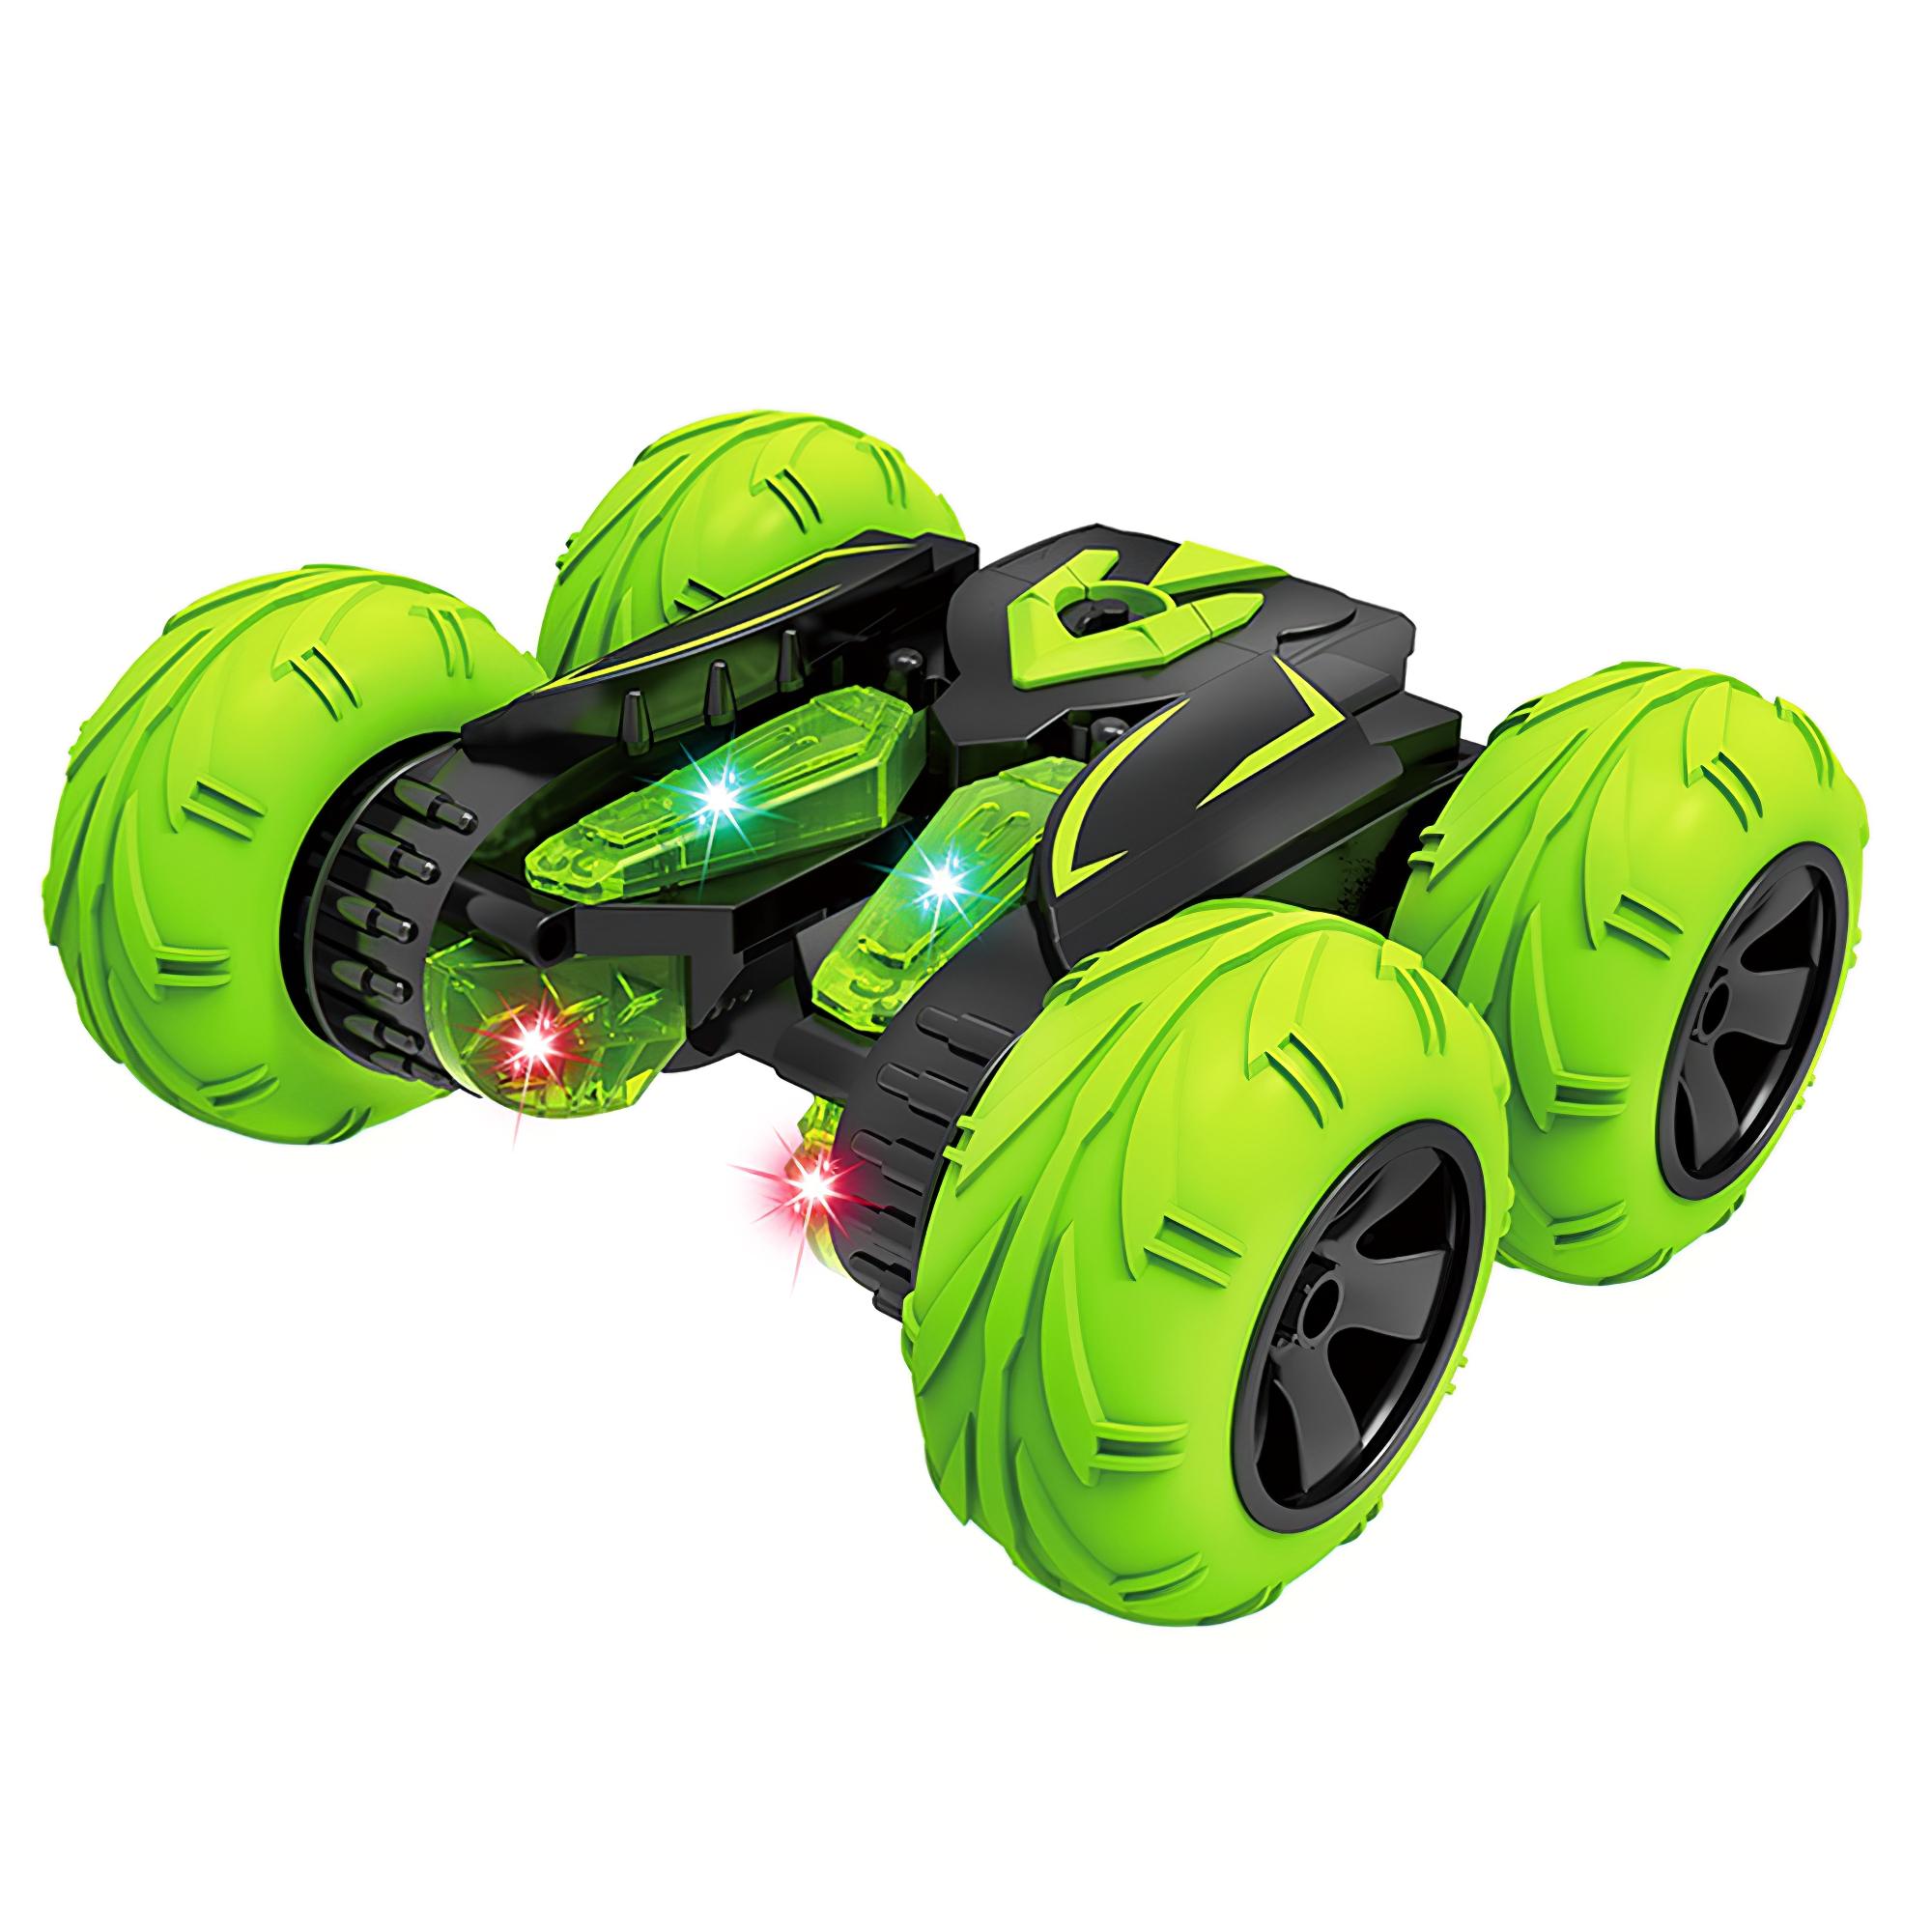 2.4G花式特技车玩具